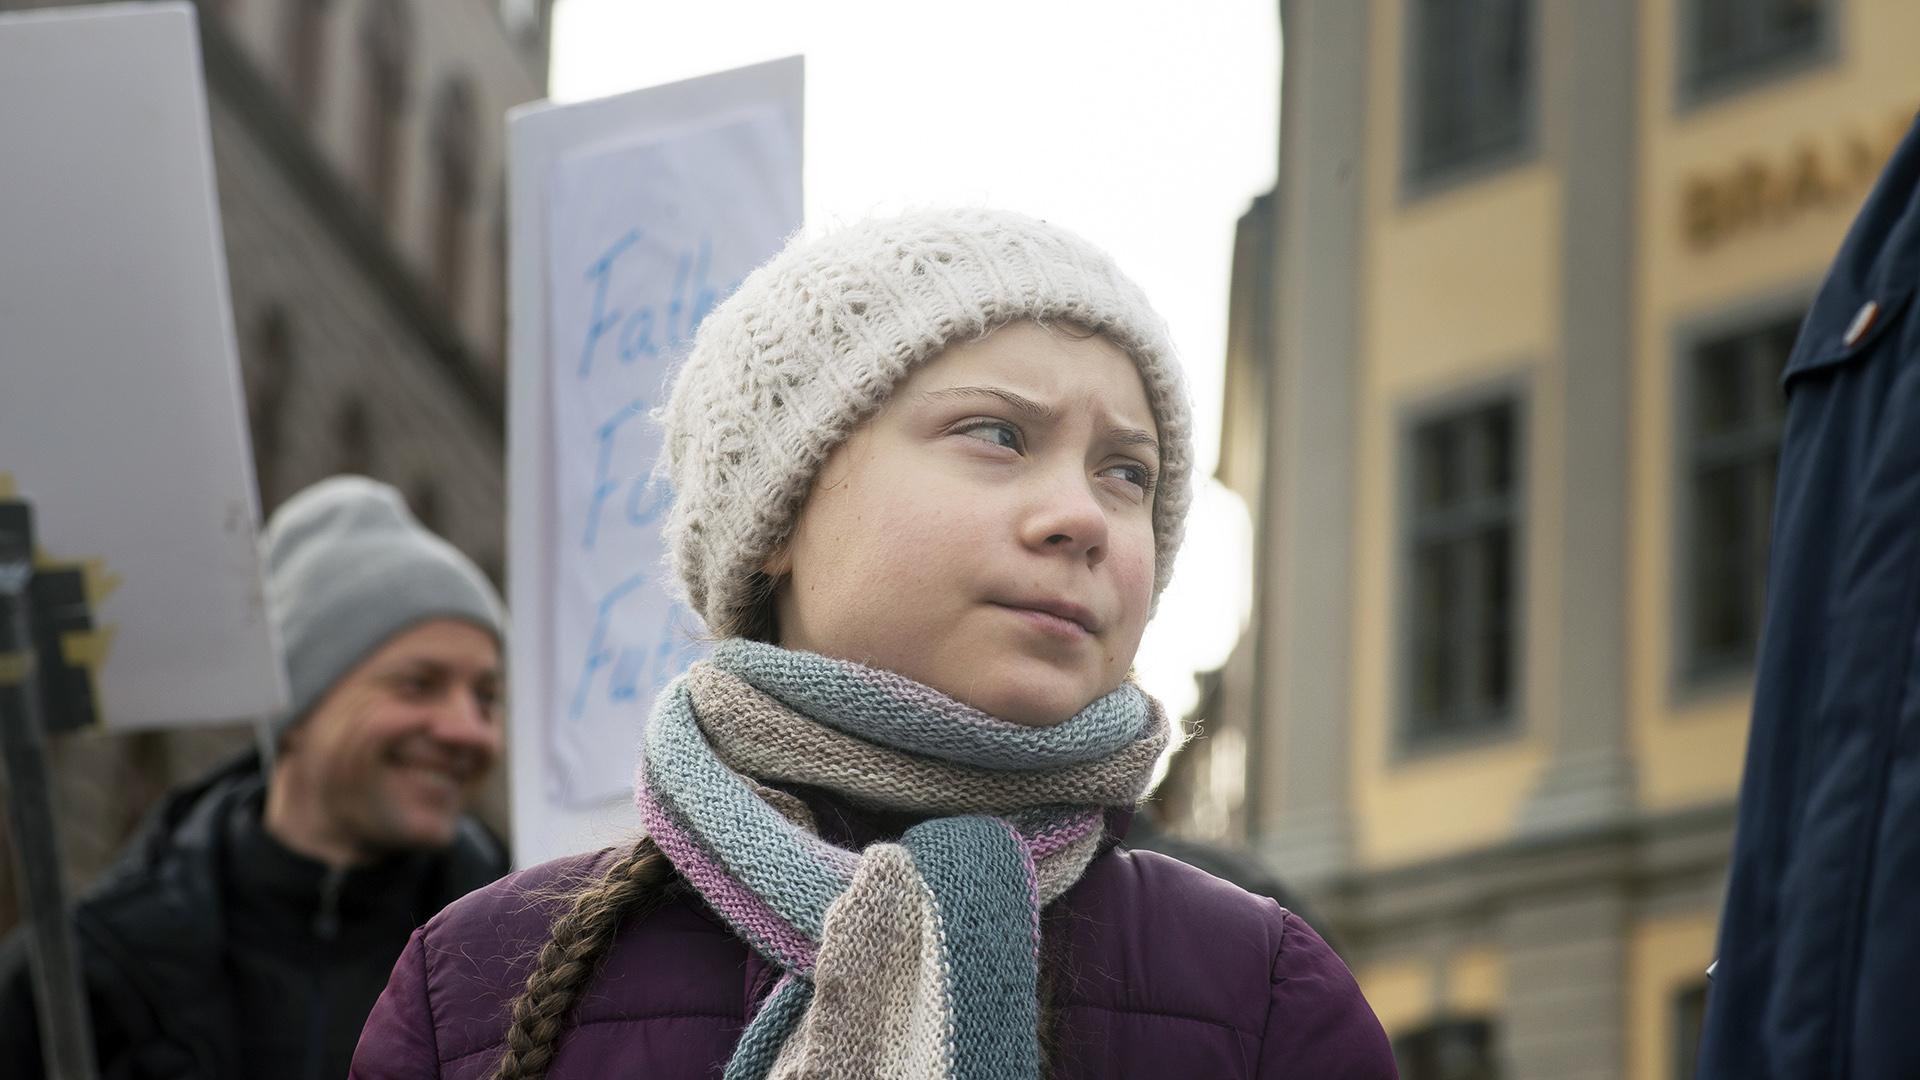 Greta Thunbergrealiza un acto de desobediencia civil. (Elisabeth Ubbe/The New York Times)